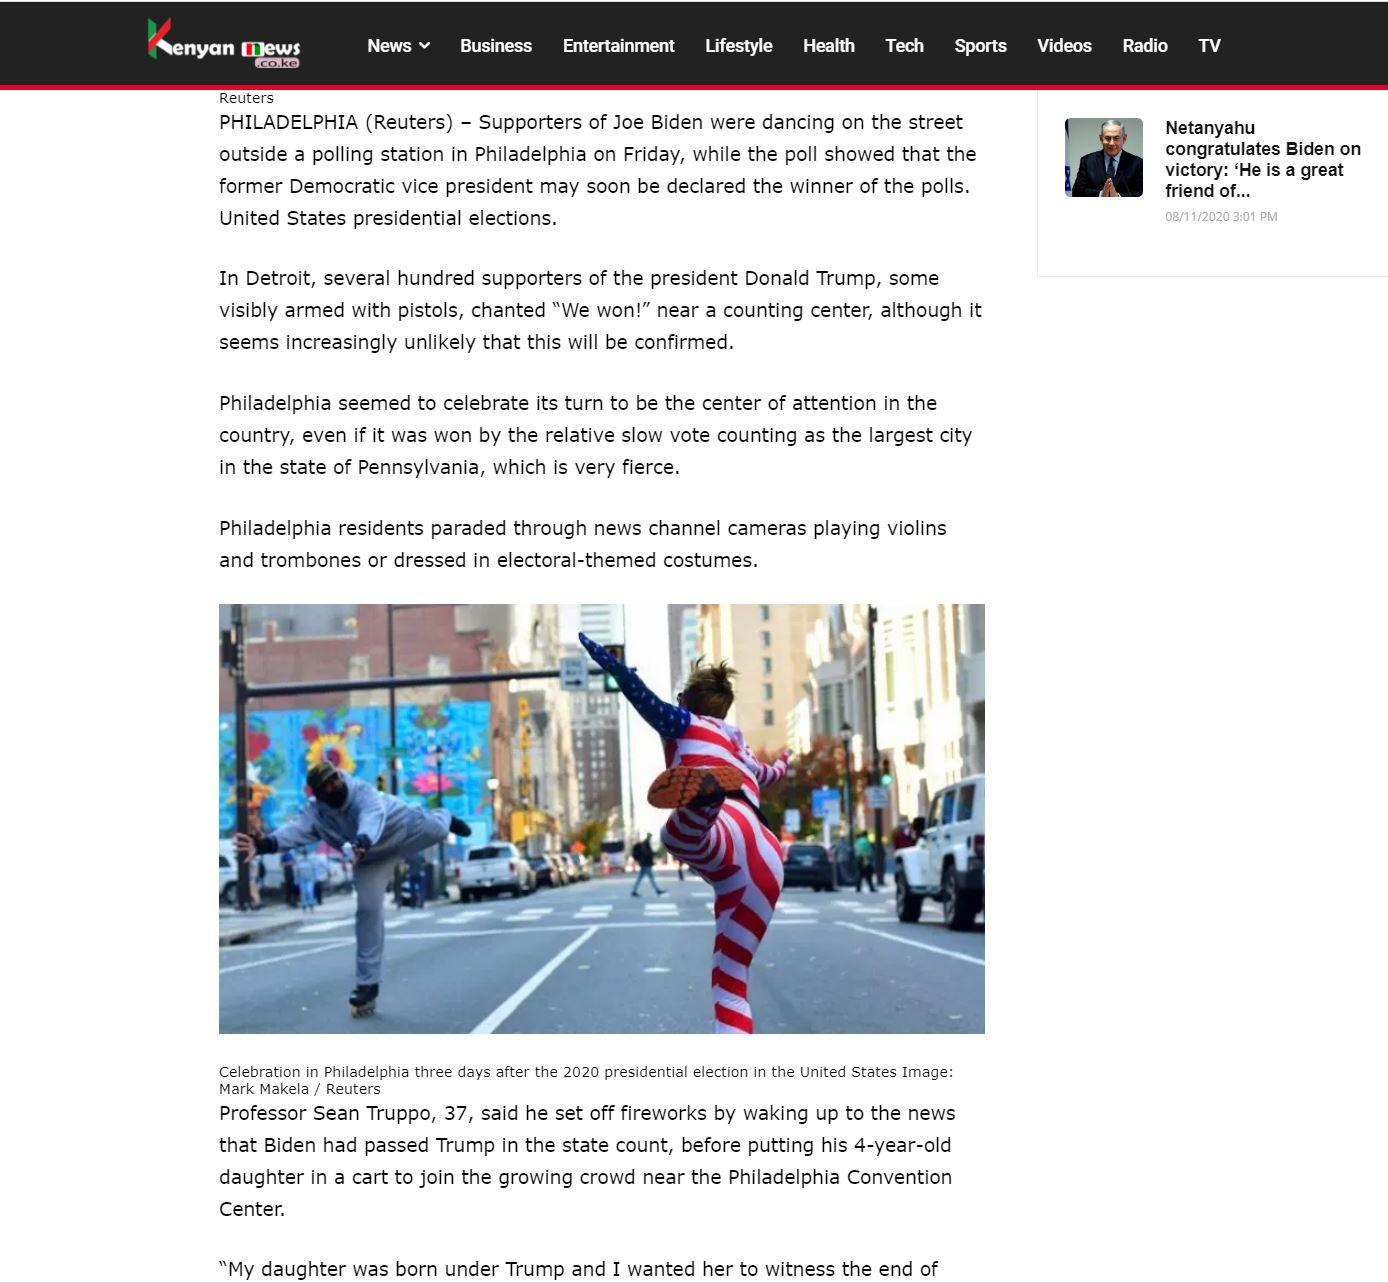 Kenyan News